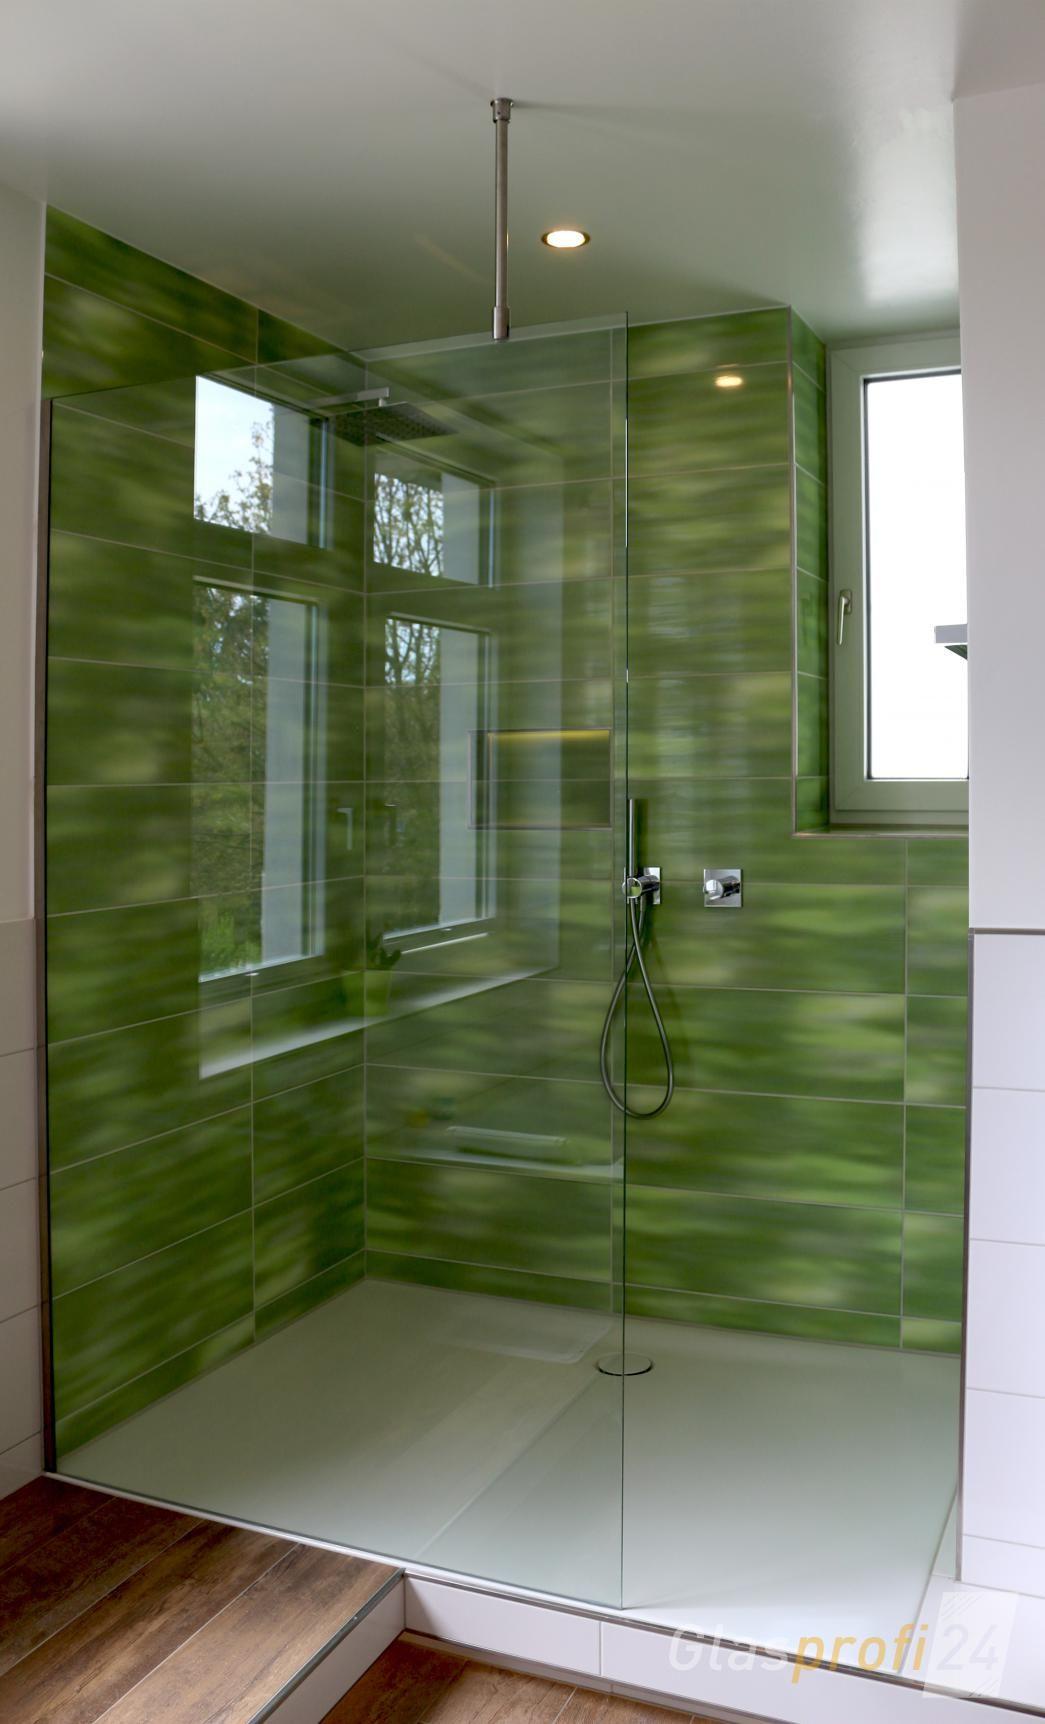 Turlose Walk In Dusche Aus Glas Mit Beschlagen Aus Edelstahl Hier Ihre Neue Walk In Duschabtrennung Online Konfigu Walk In Dusche Dusche Renovieren Badezimmer